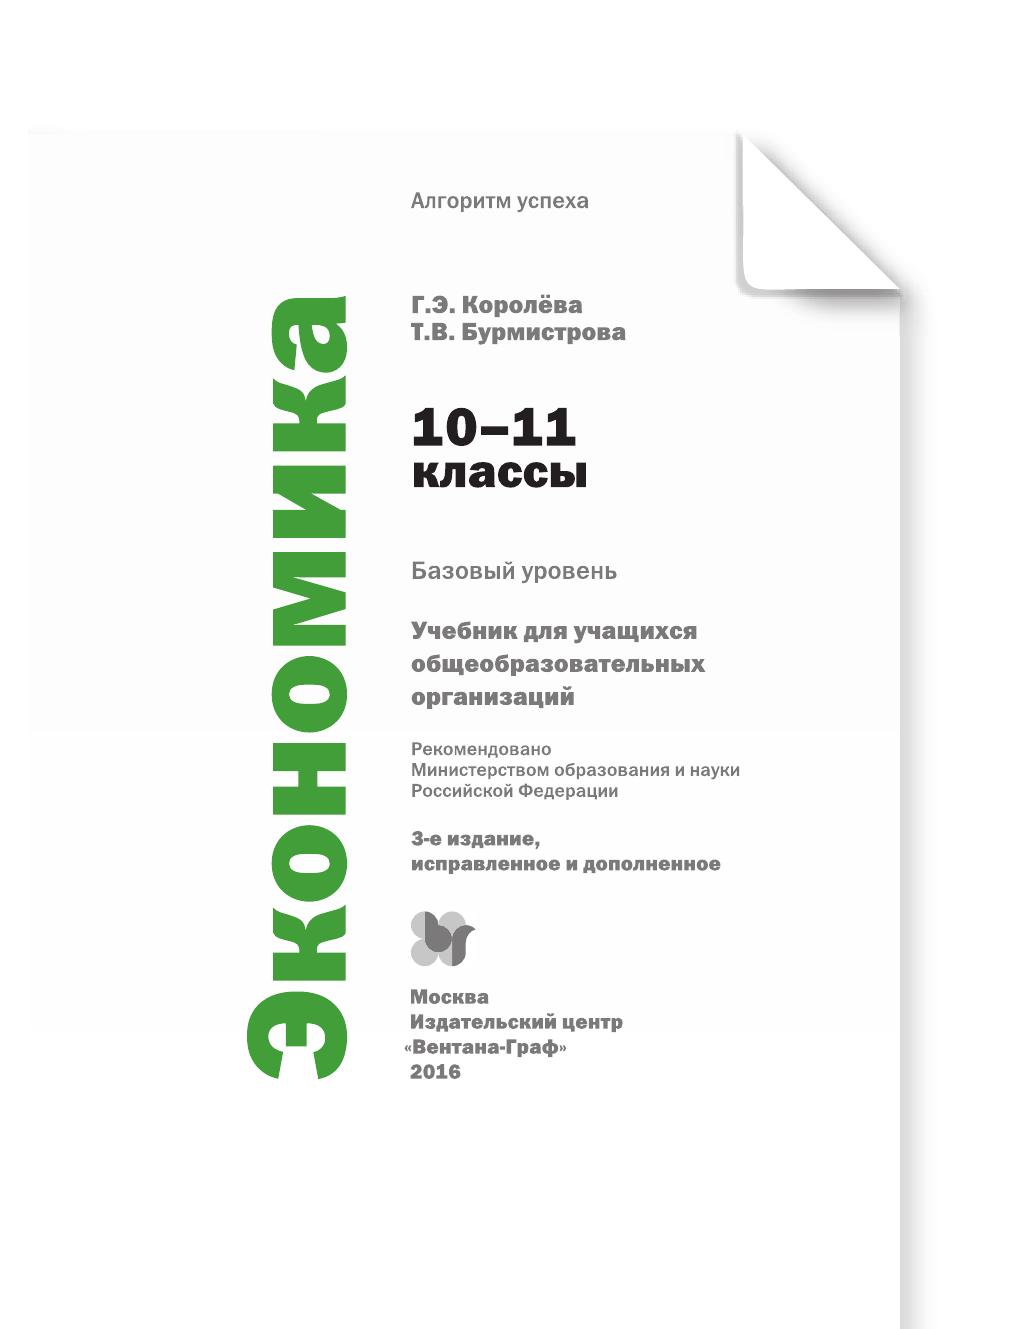 практикум по экономике 10-11 класс иванов решебник профильный уровень 2019